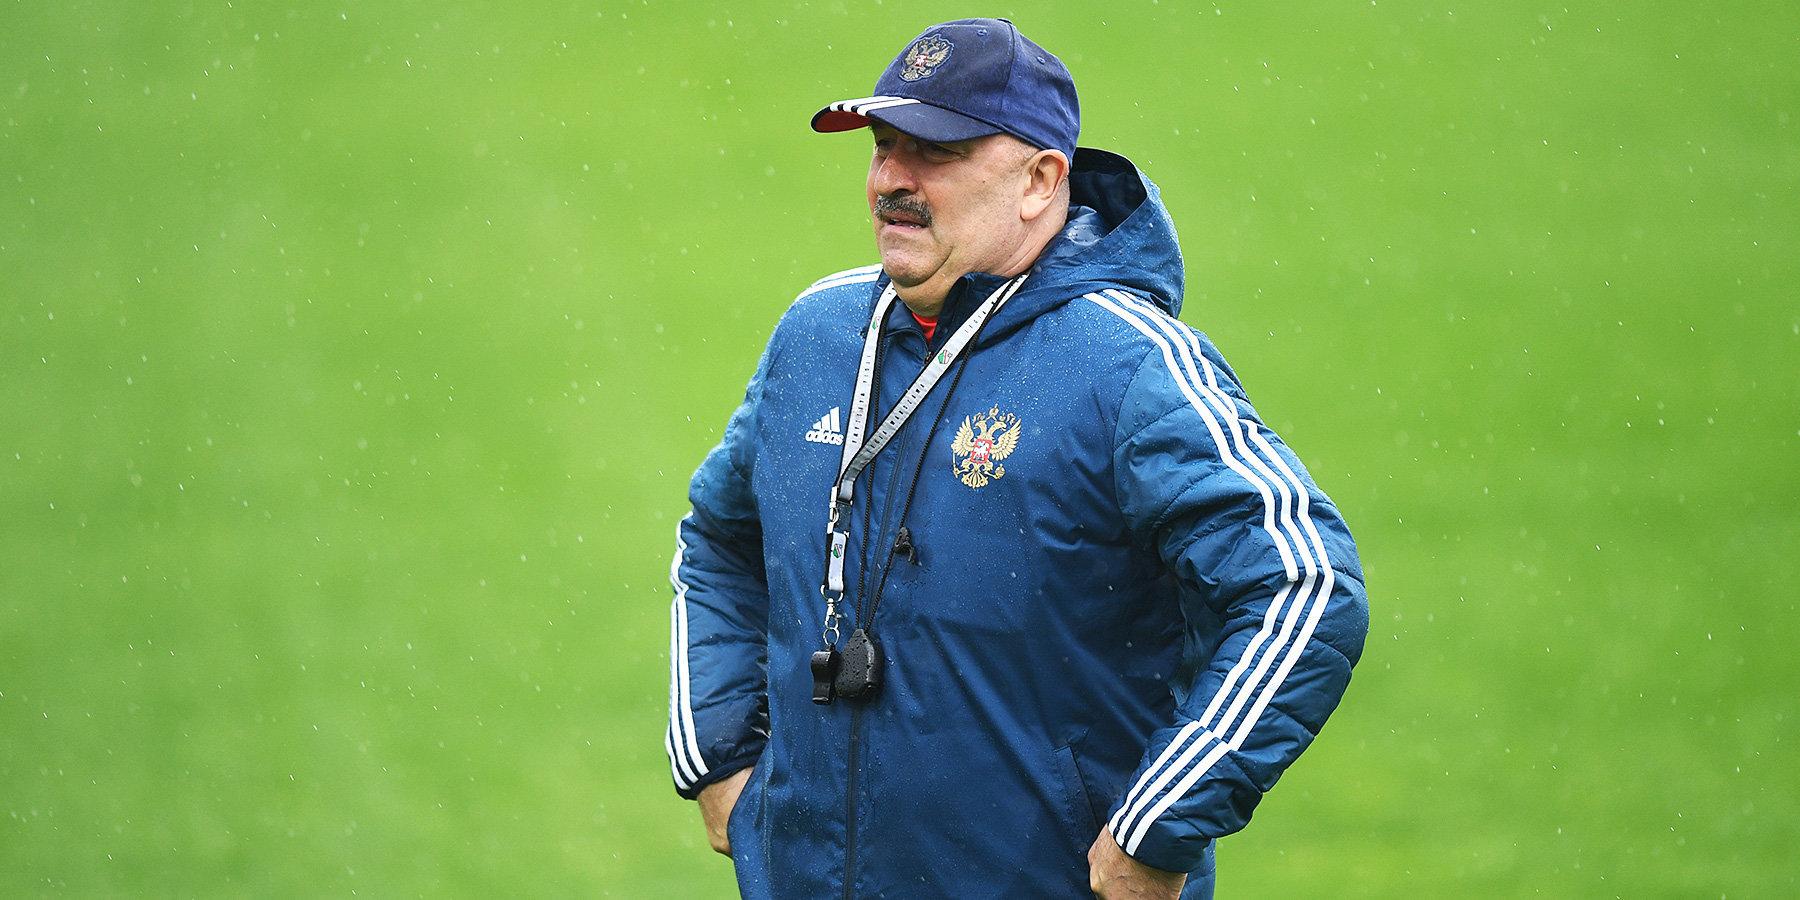 Размещен стартовый состав сборной Российской Федерации пофутболу наматч сАвстрией